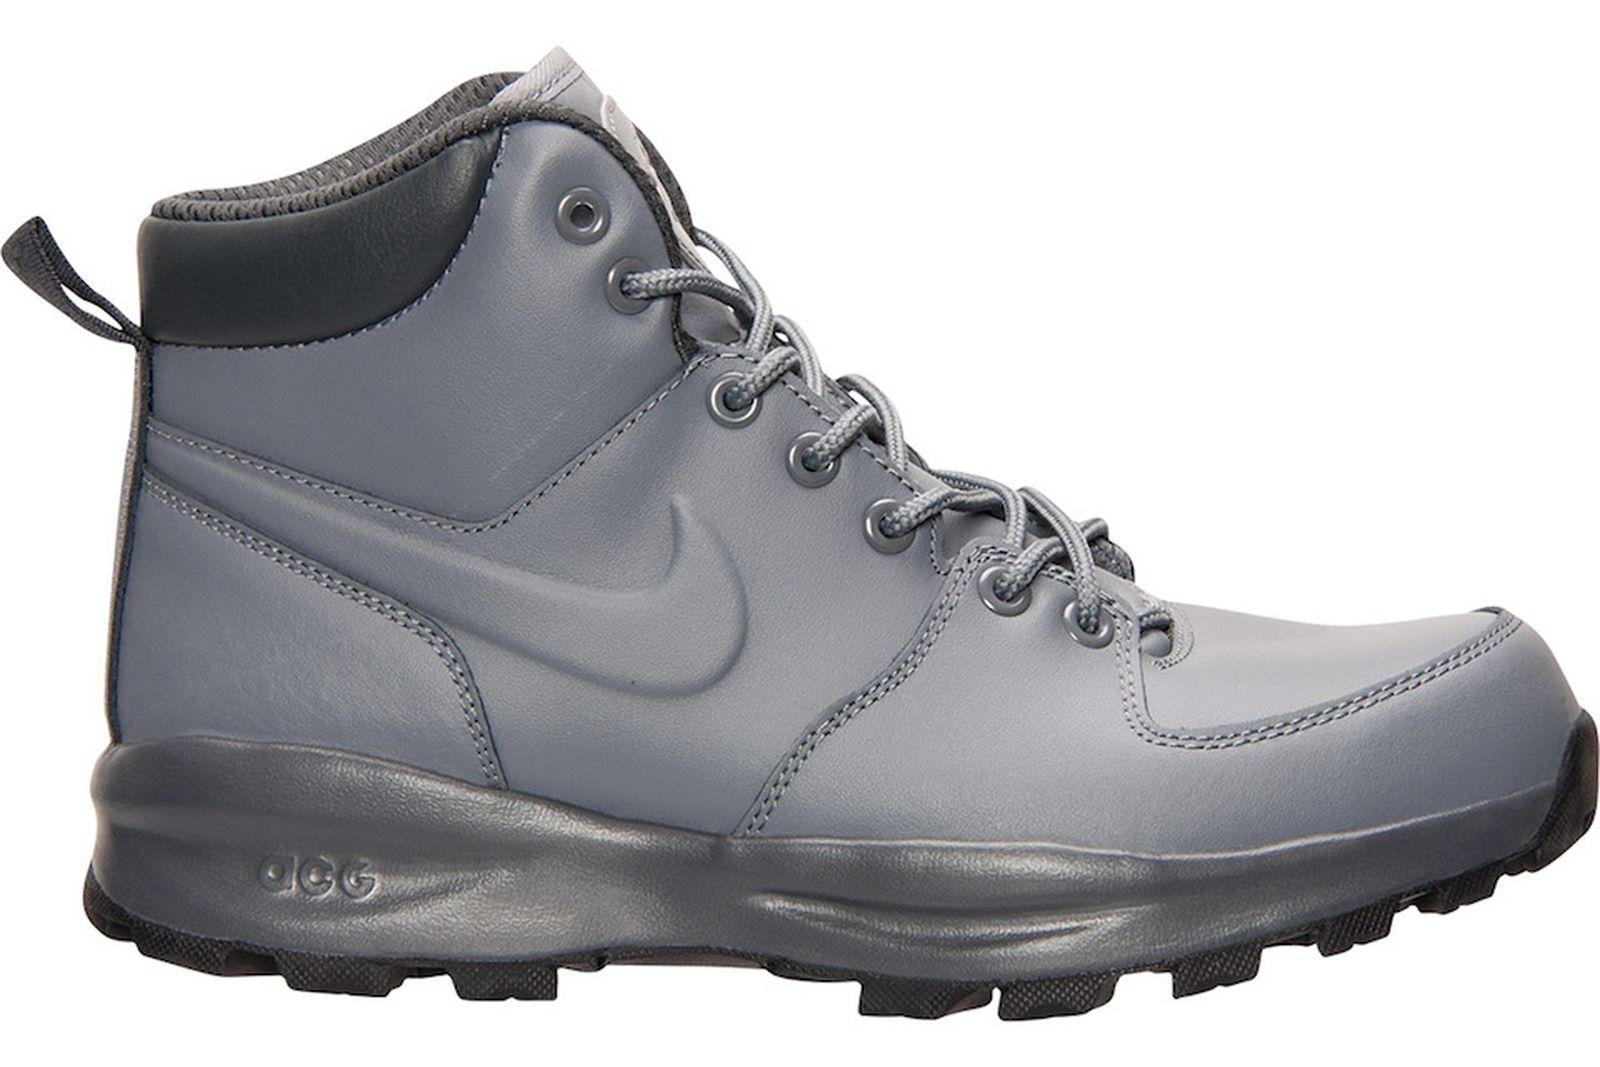 Nike_Manoa_Leather